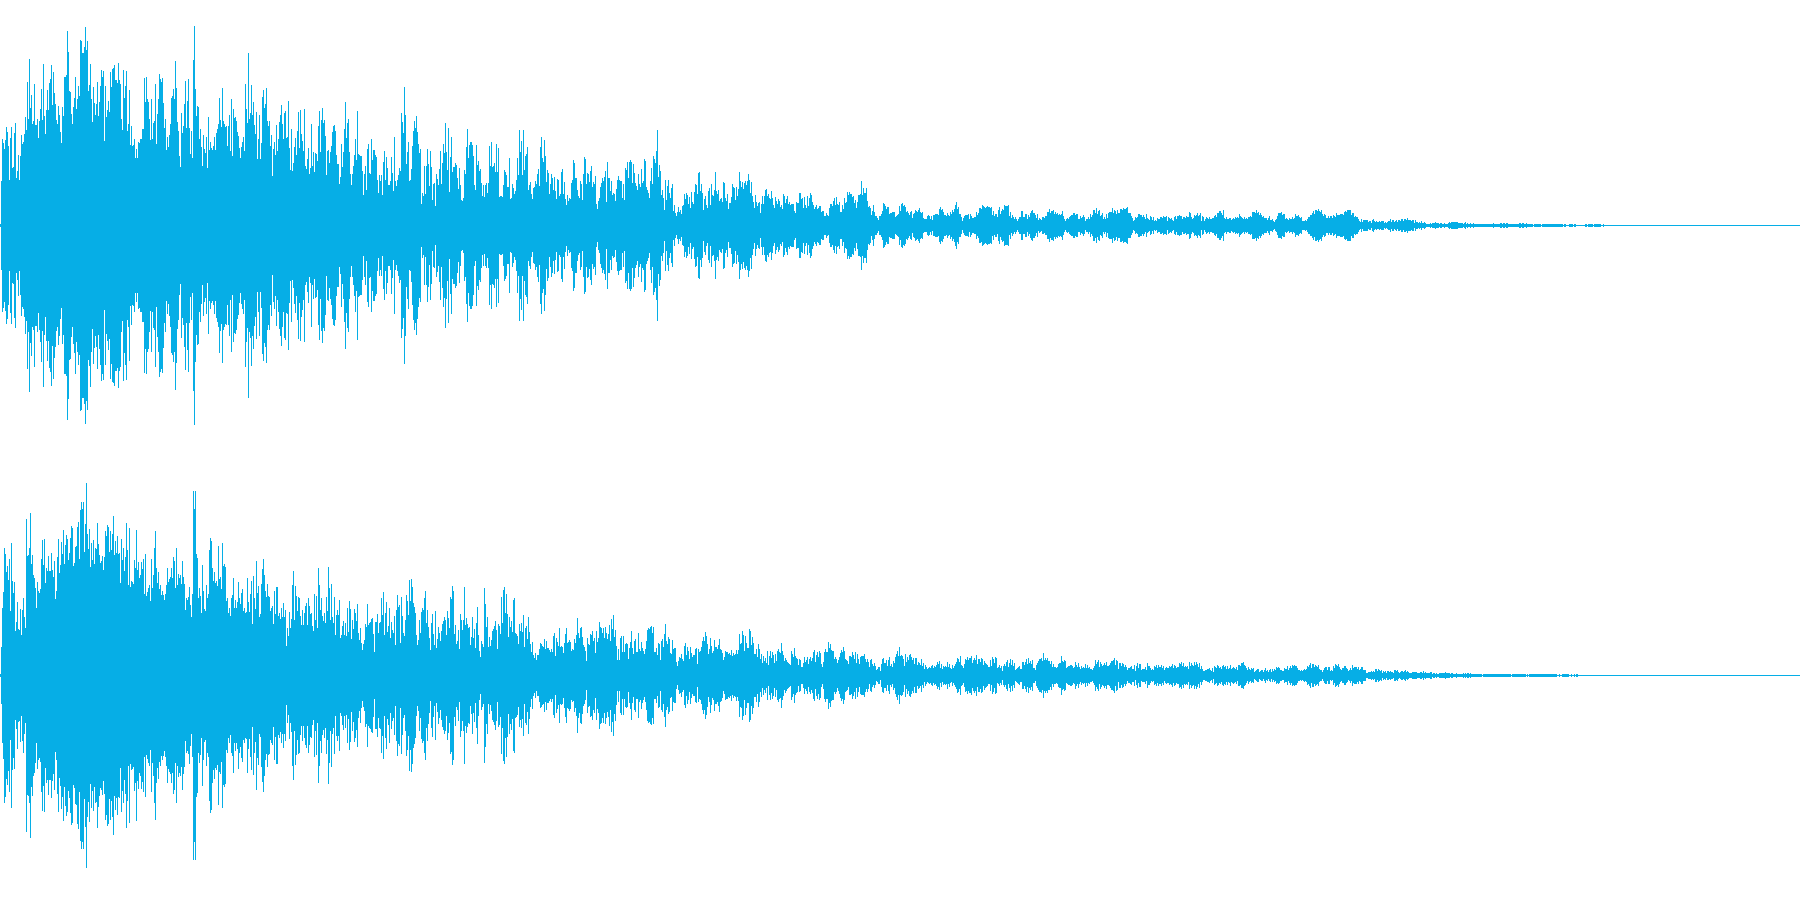 【ホラーゲーム】恐怖の演出シーンの再生済みの波形